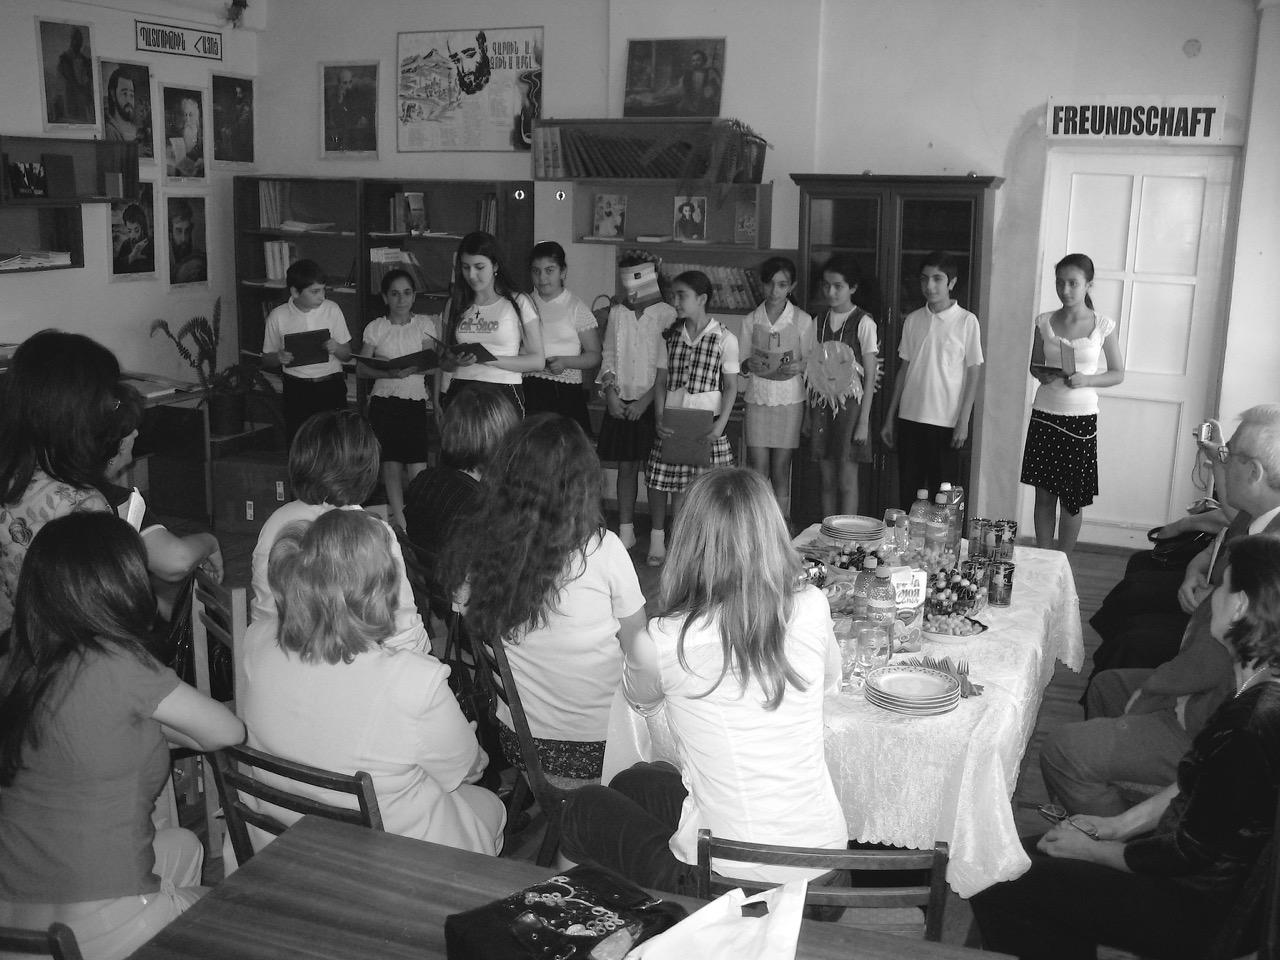 Foto: Freundschaft. Aus: Eriwan. Kapitel 4. Aufzeichnungen aus Armenien von Marc Degens.